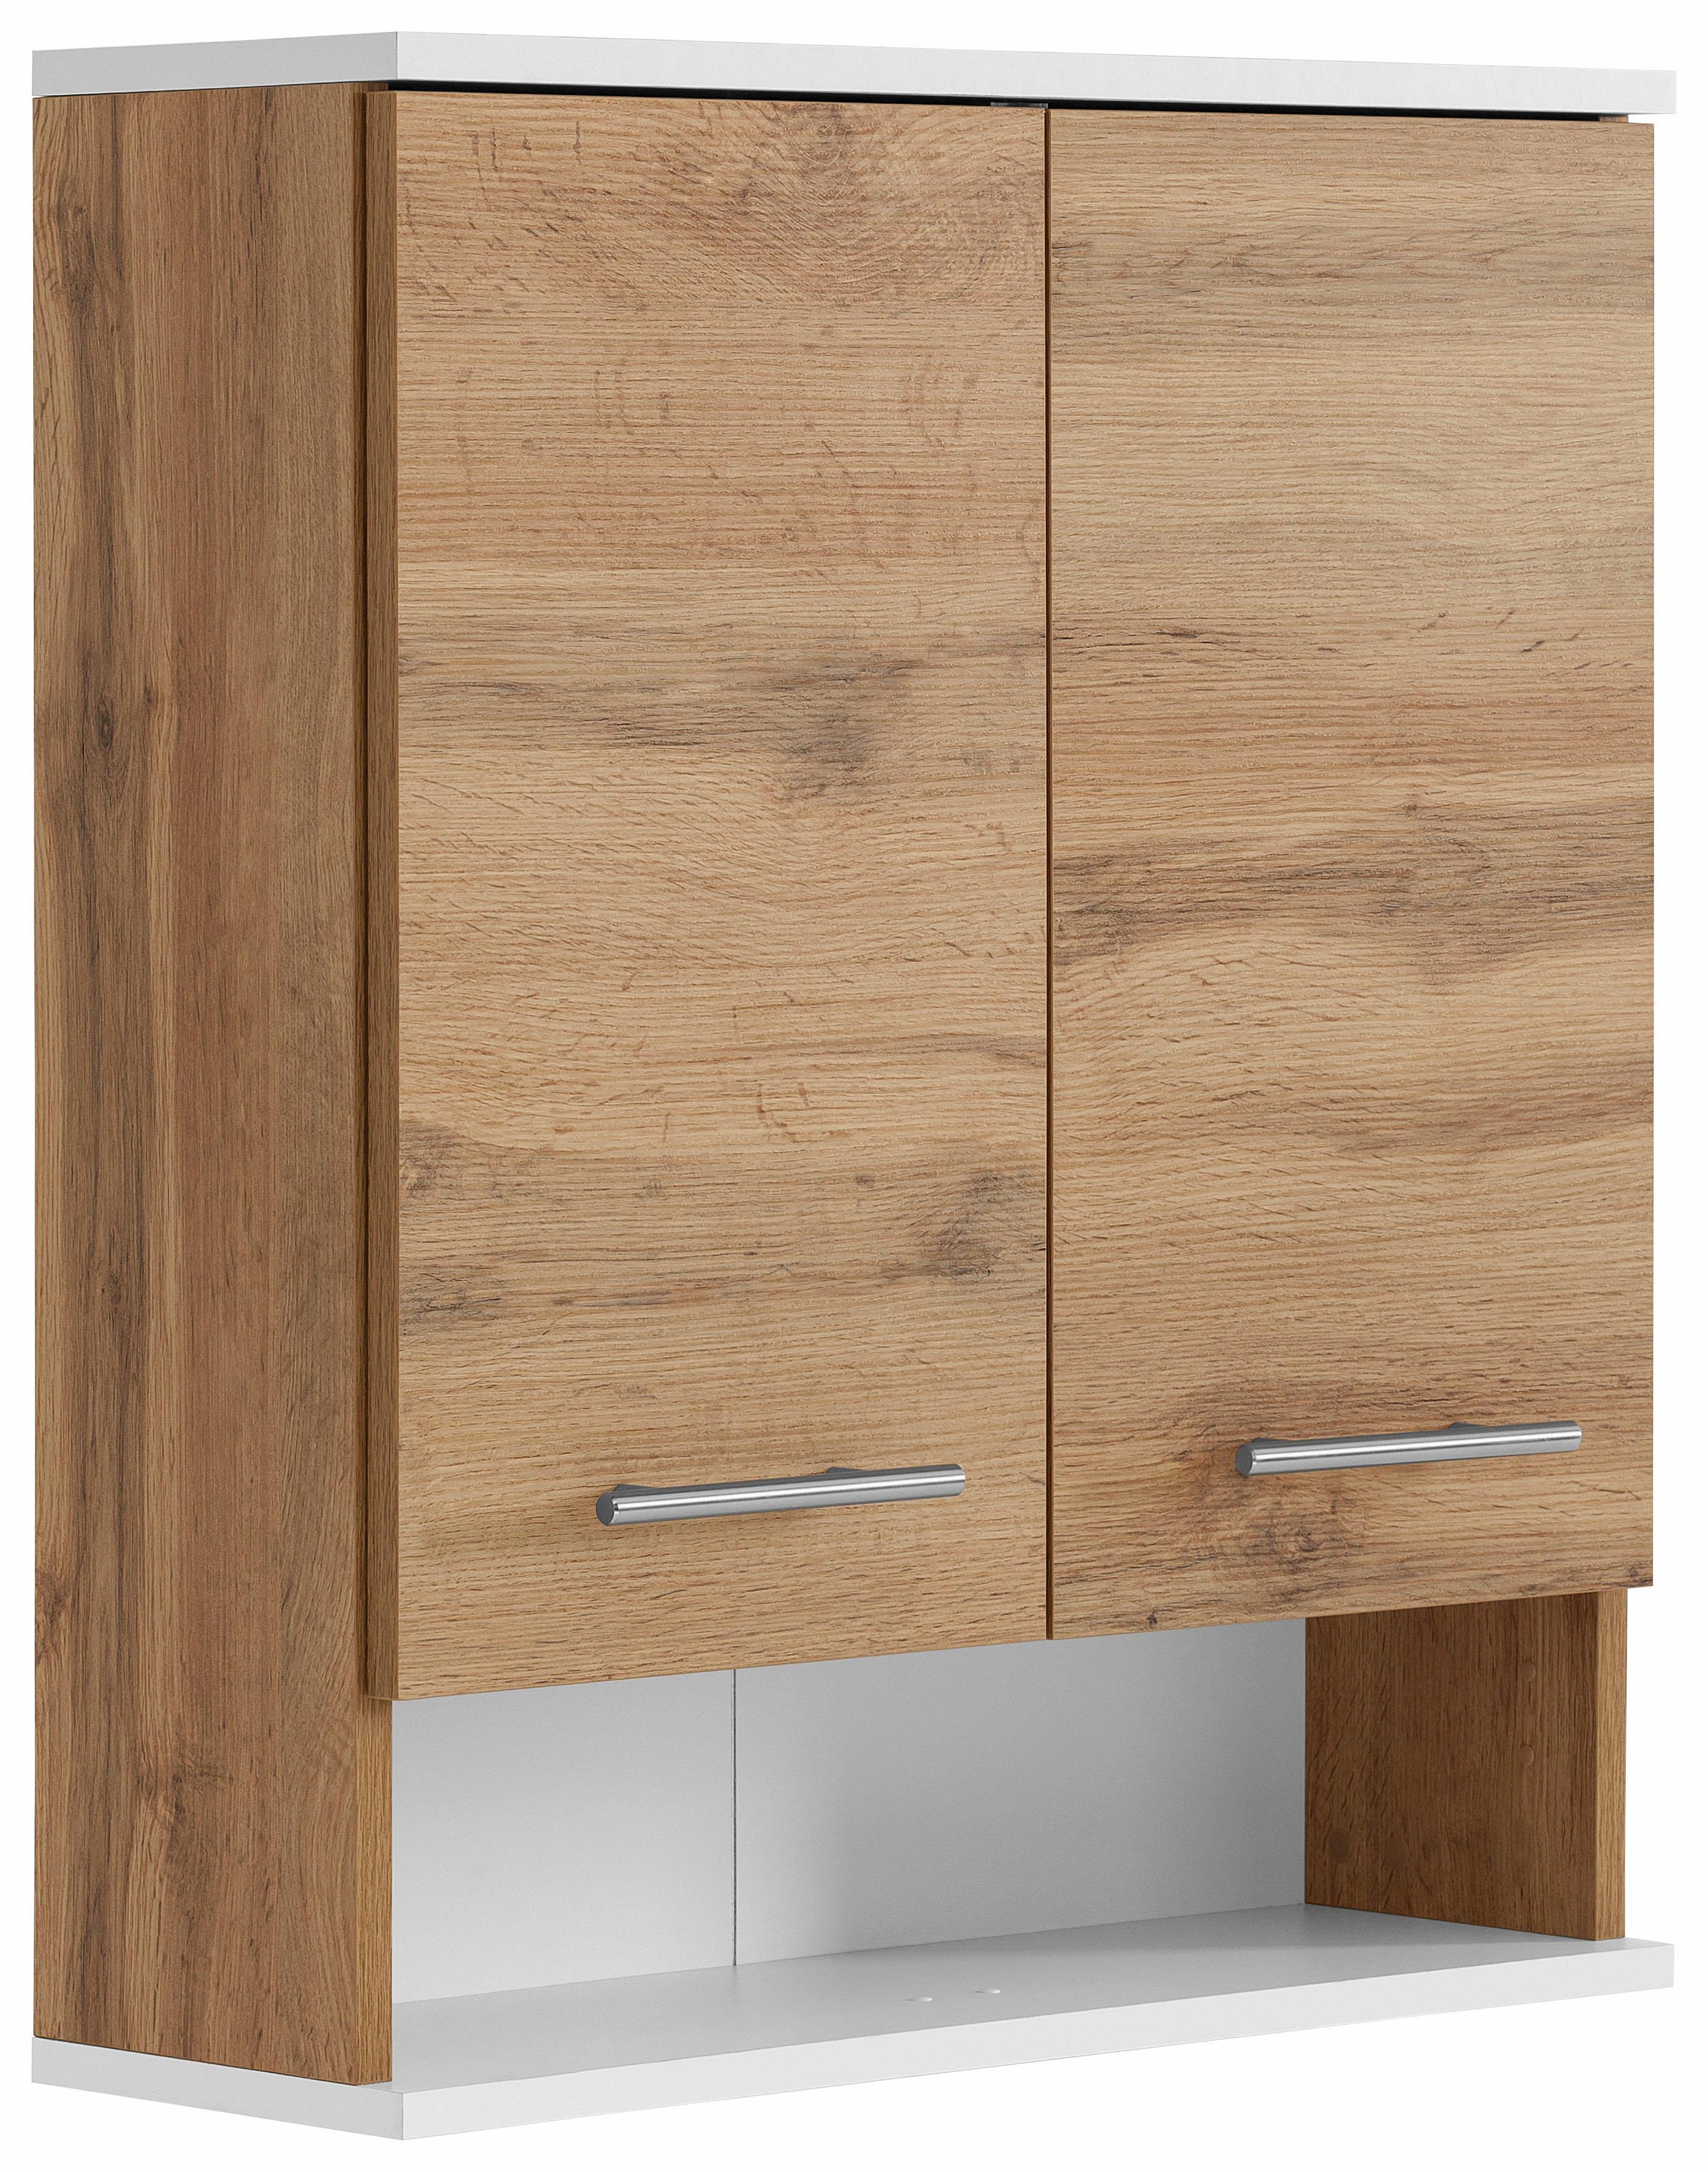 Schildmeyer Hängeschrank Rhodos, Breite 60 cm, verstellbarer Einlegeboden, günstig online kaufen